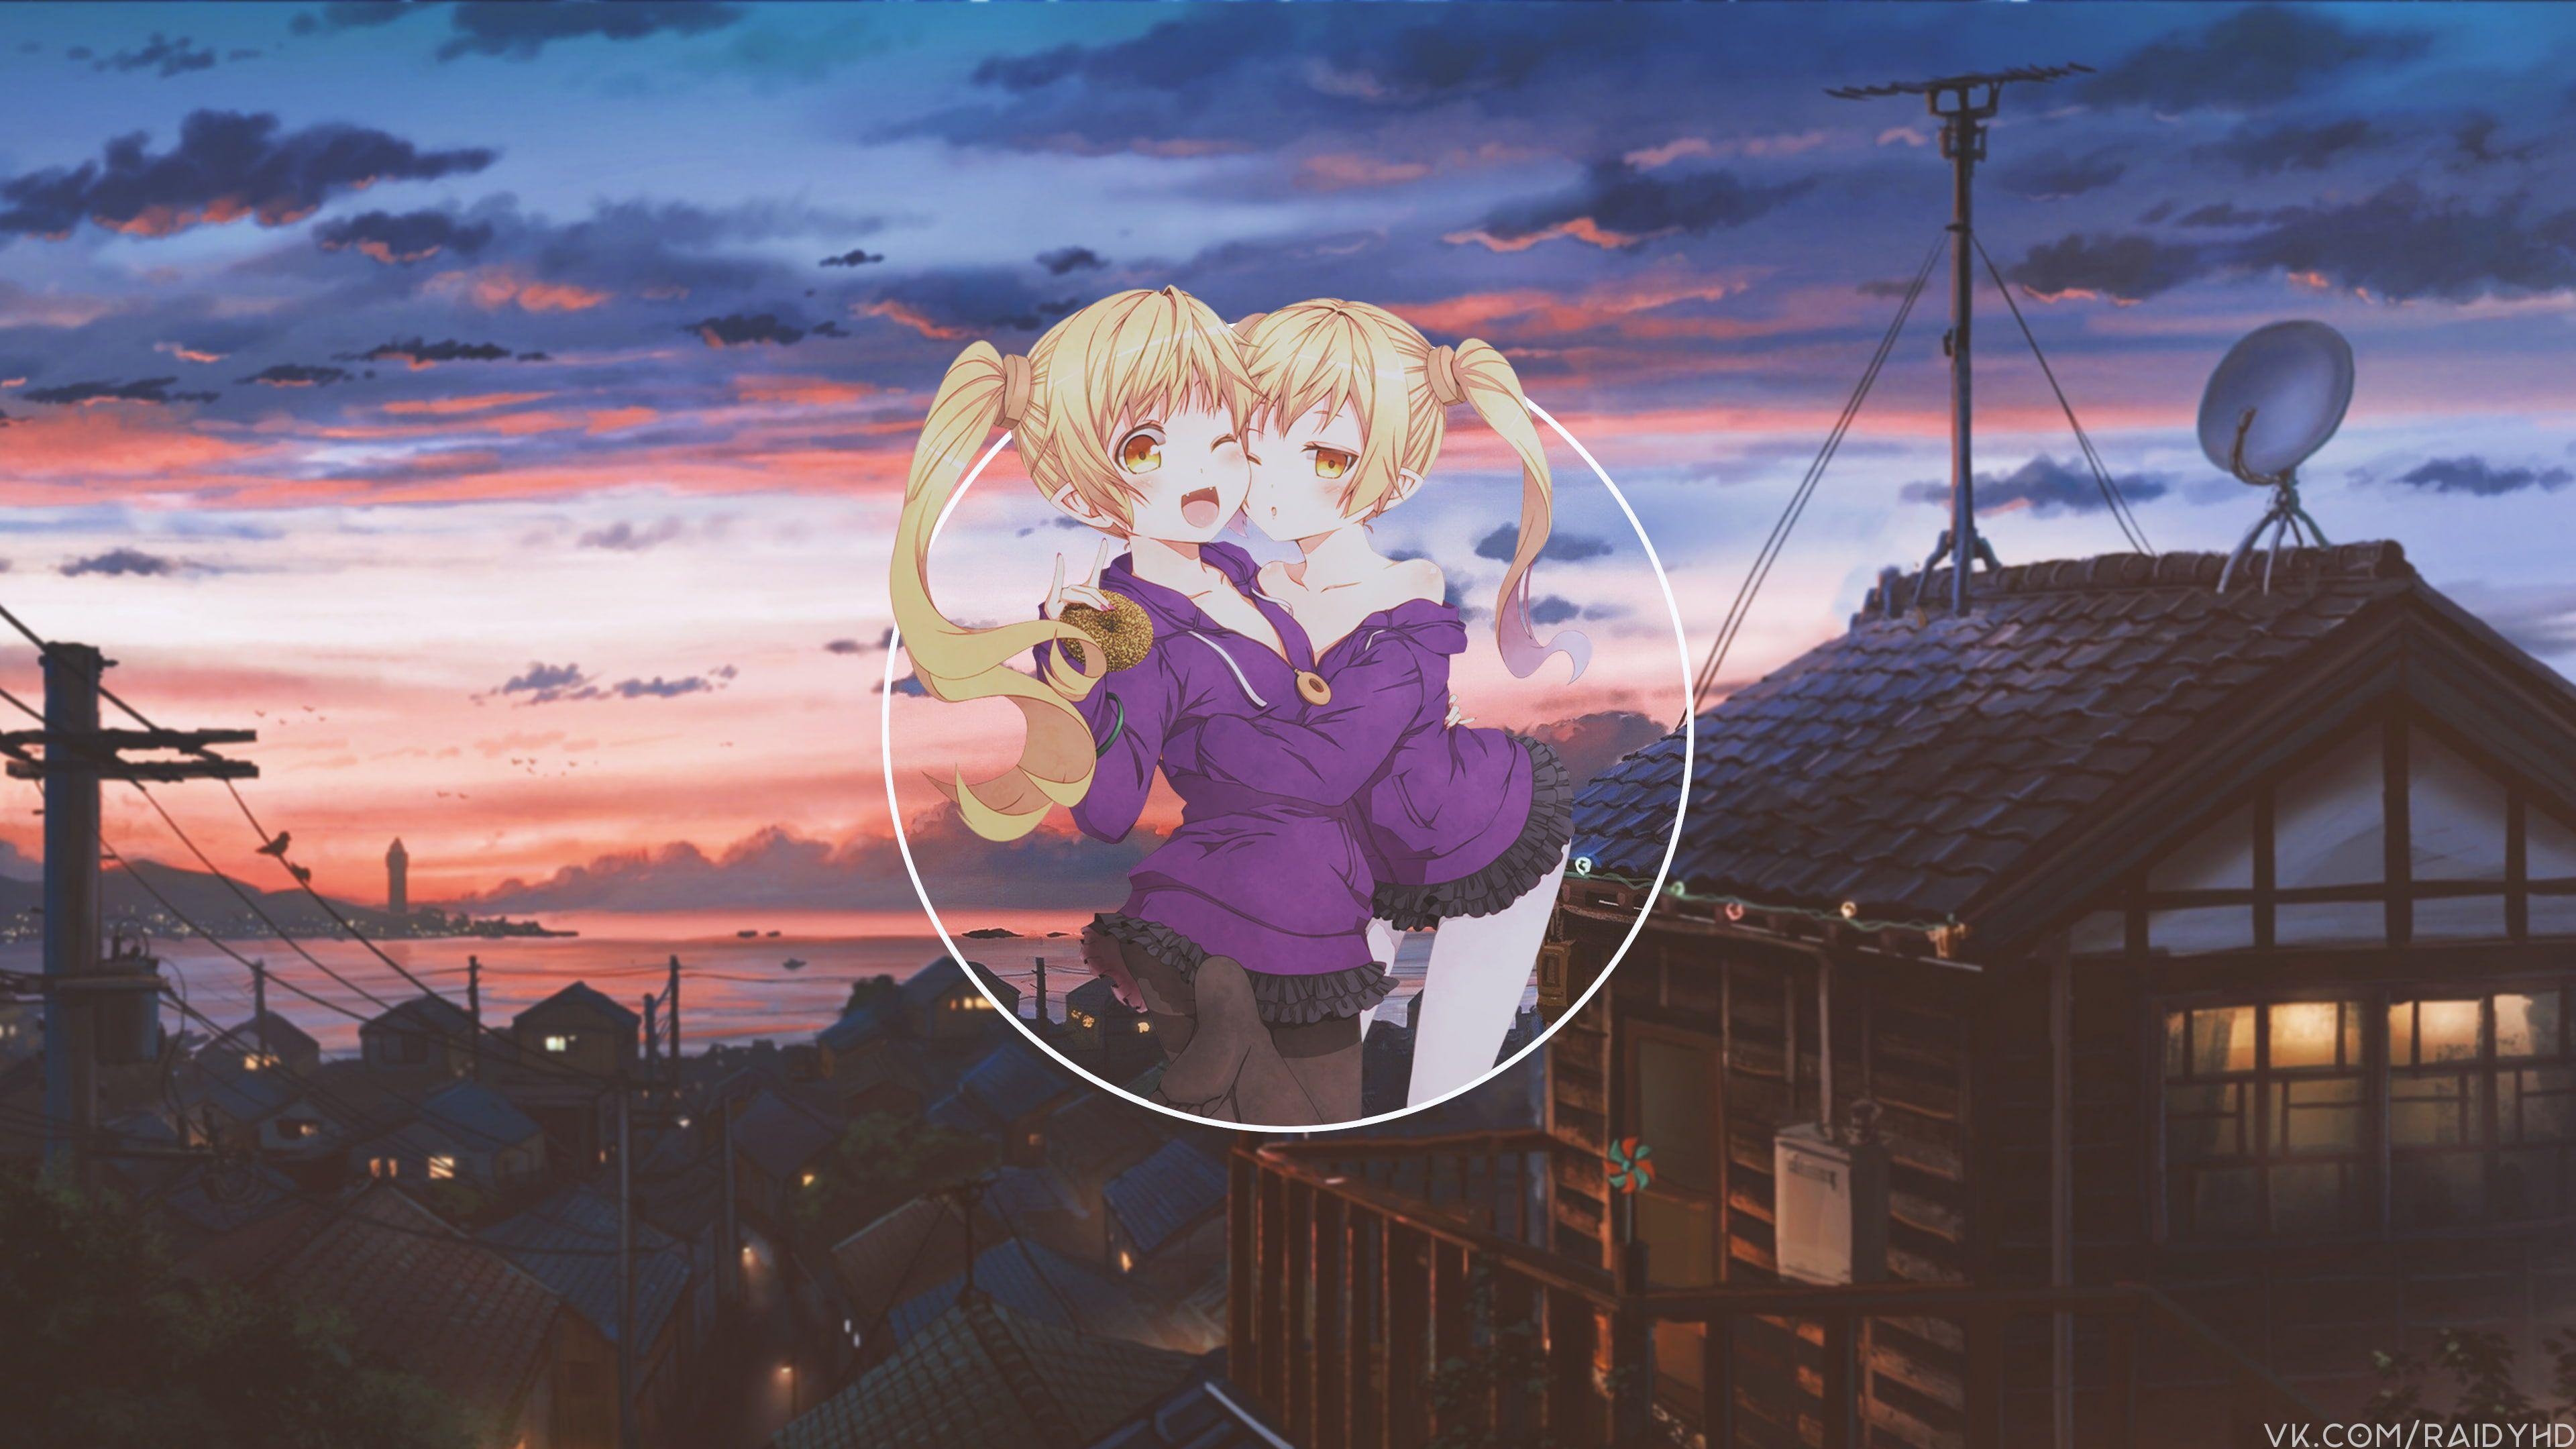 Pin On Wallpaper Pc Anime mac wallpaper hd